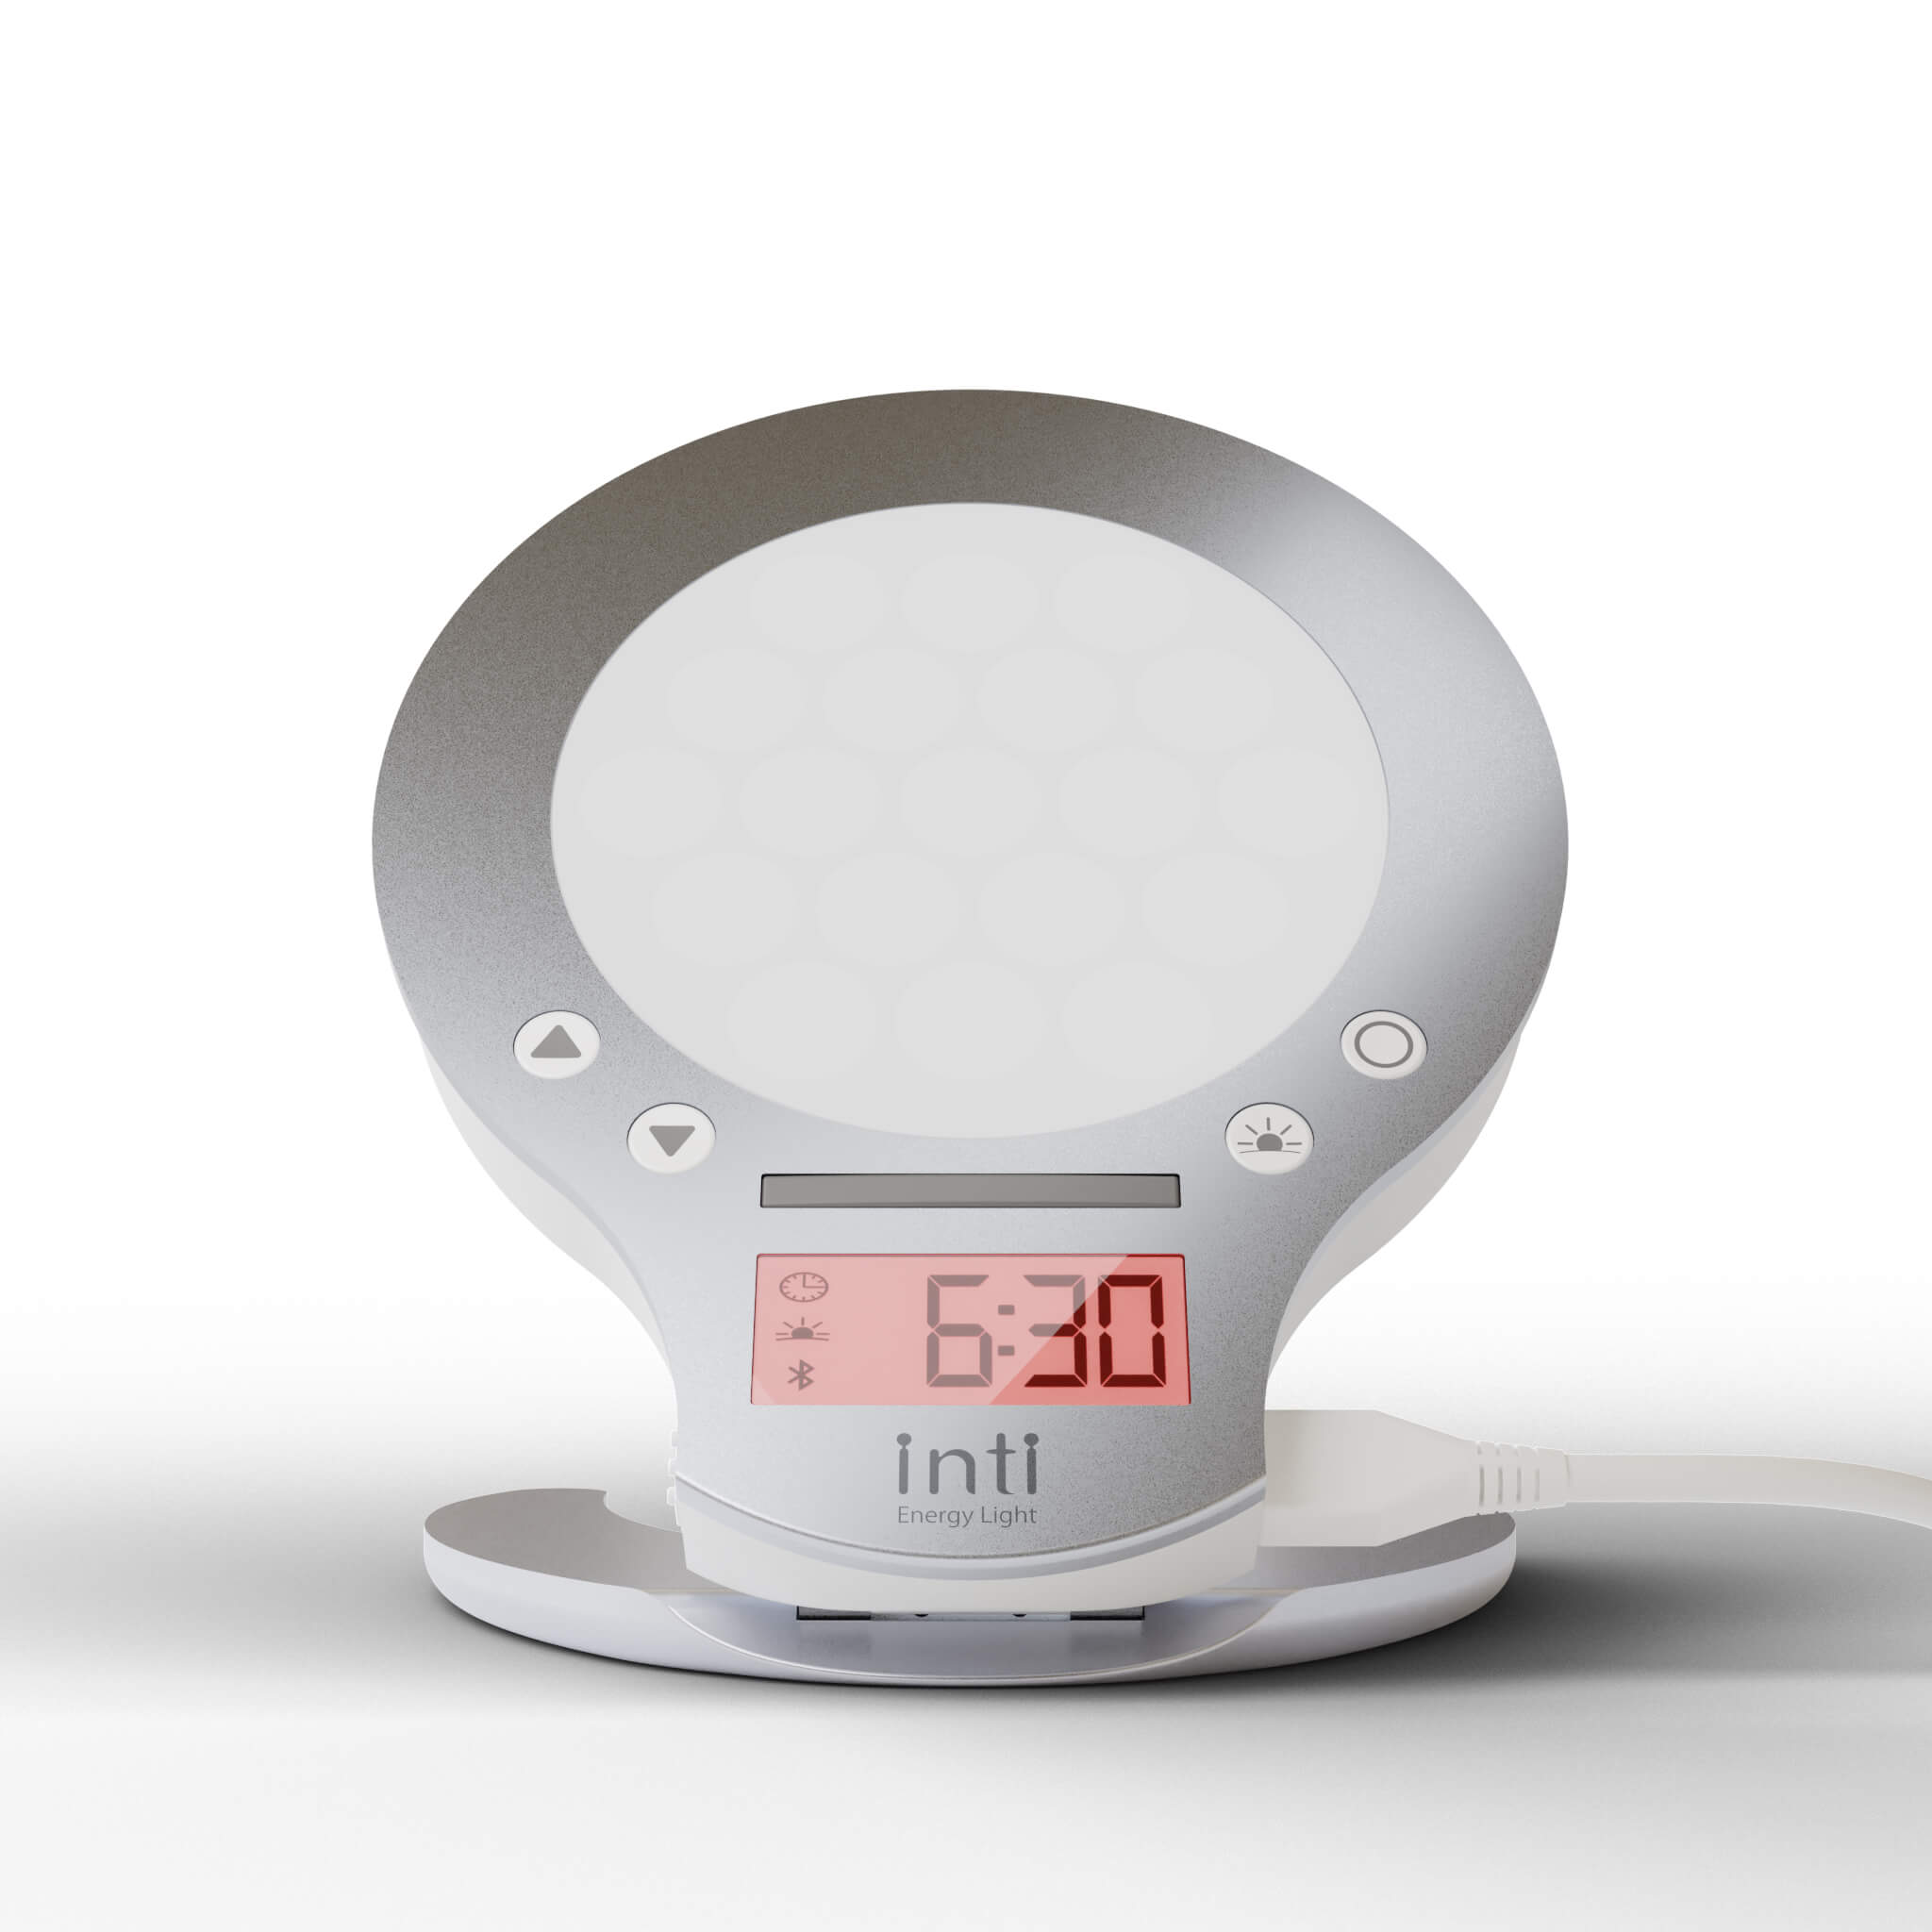 受験生が昼寝をする際におすすめの目覚まし時計「inti4」